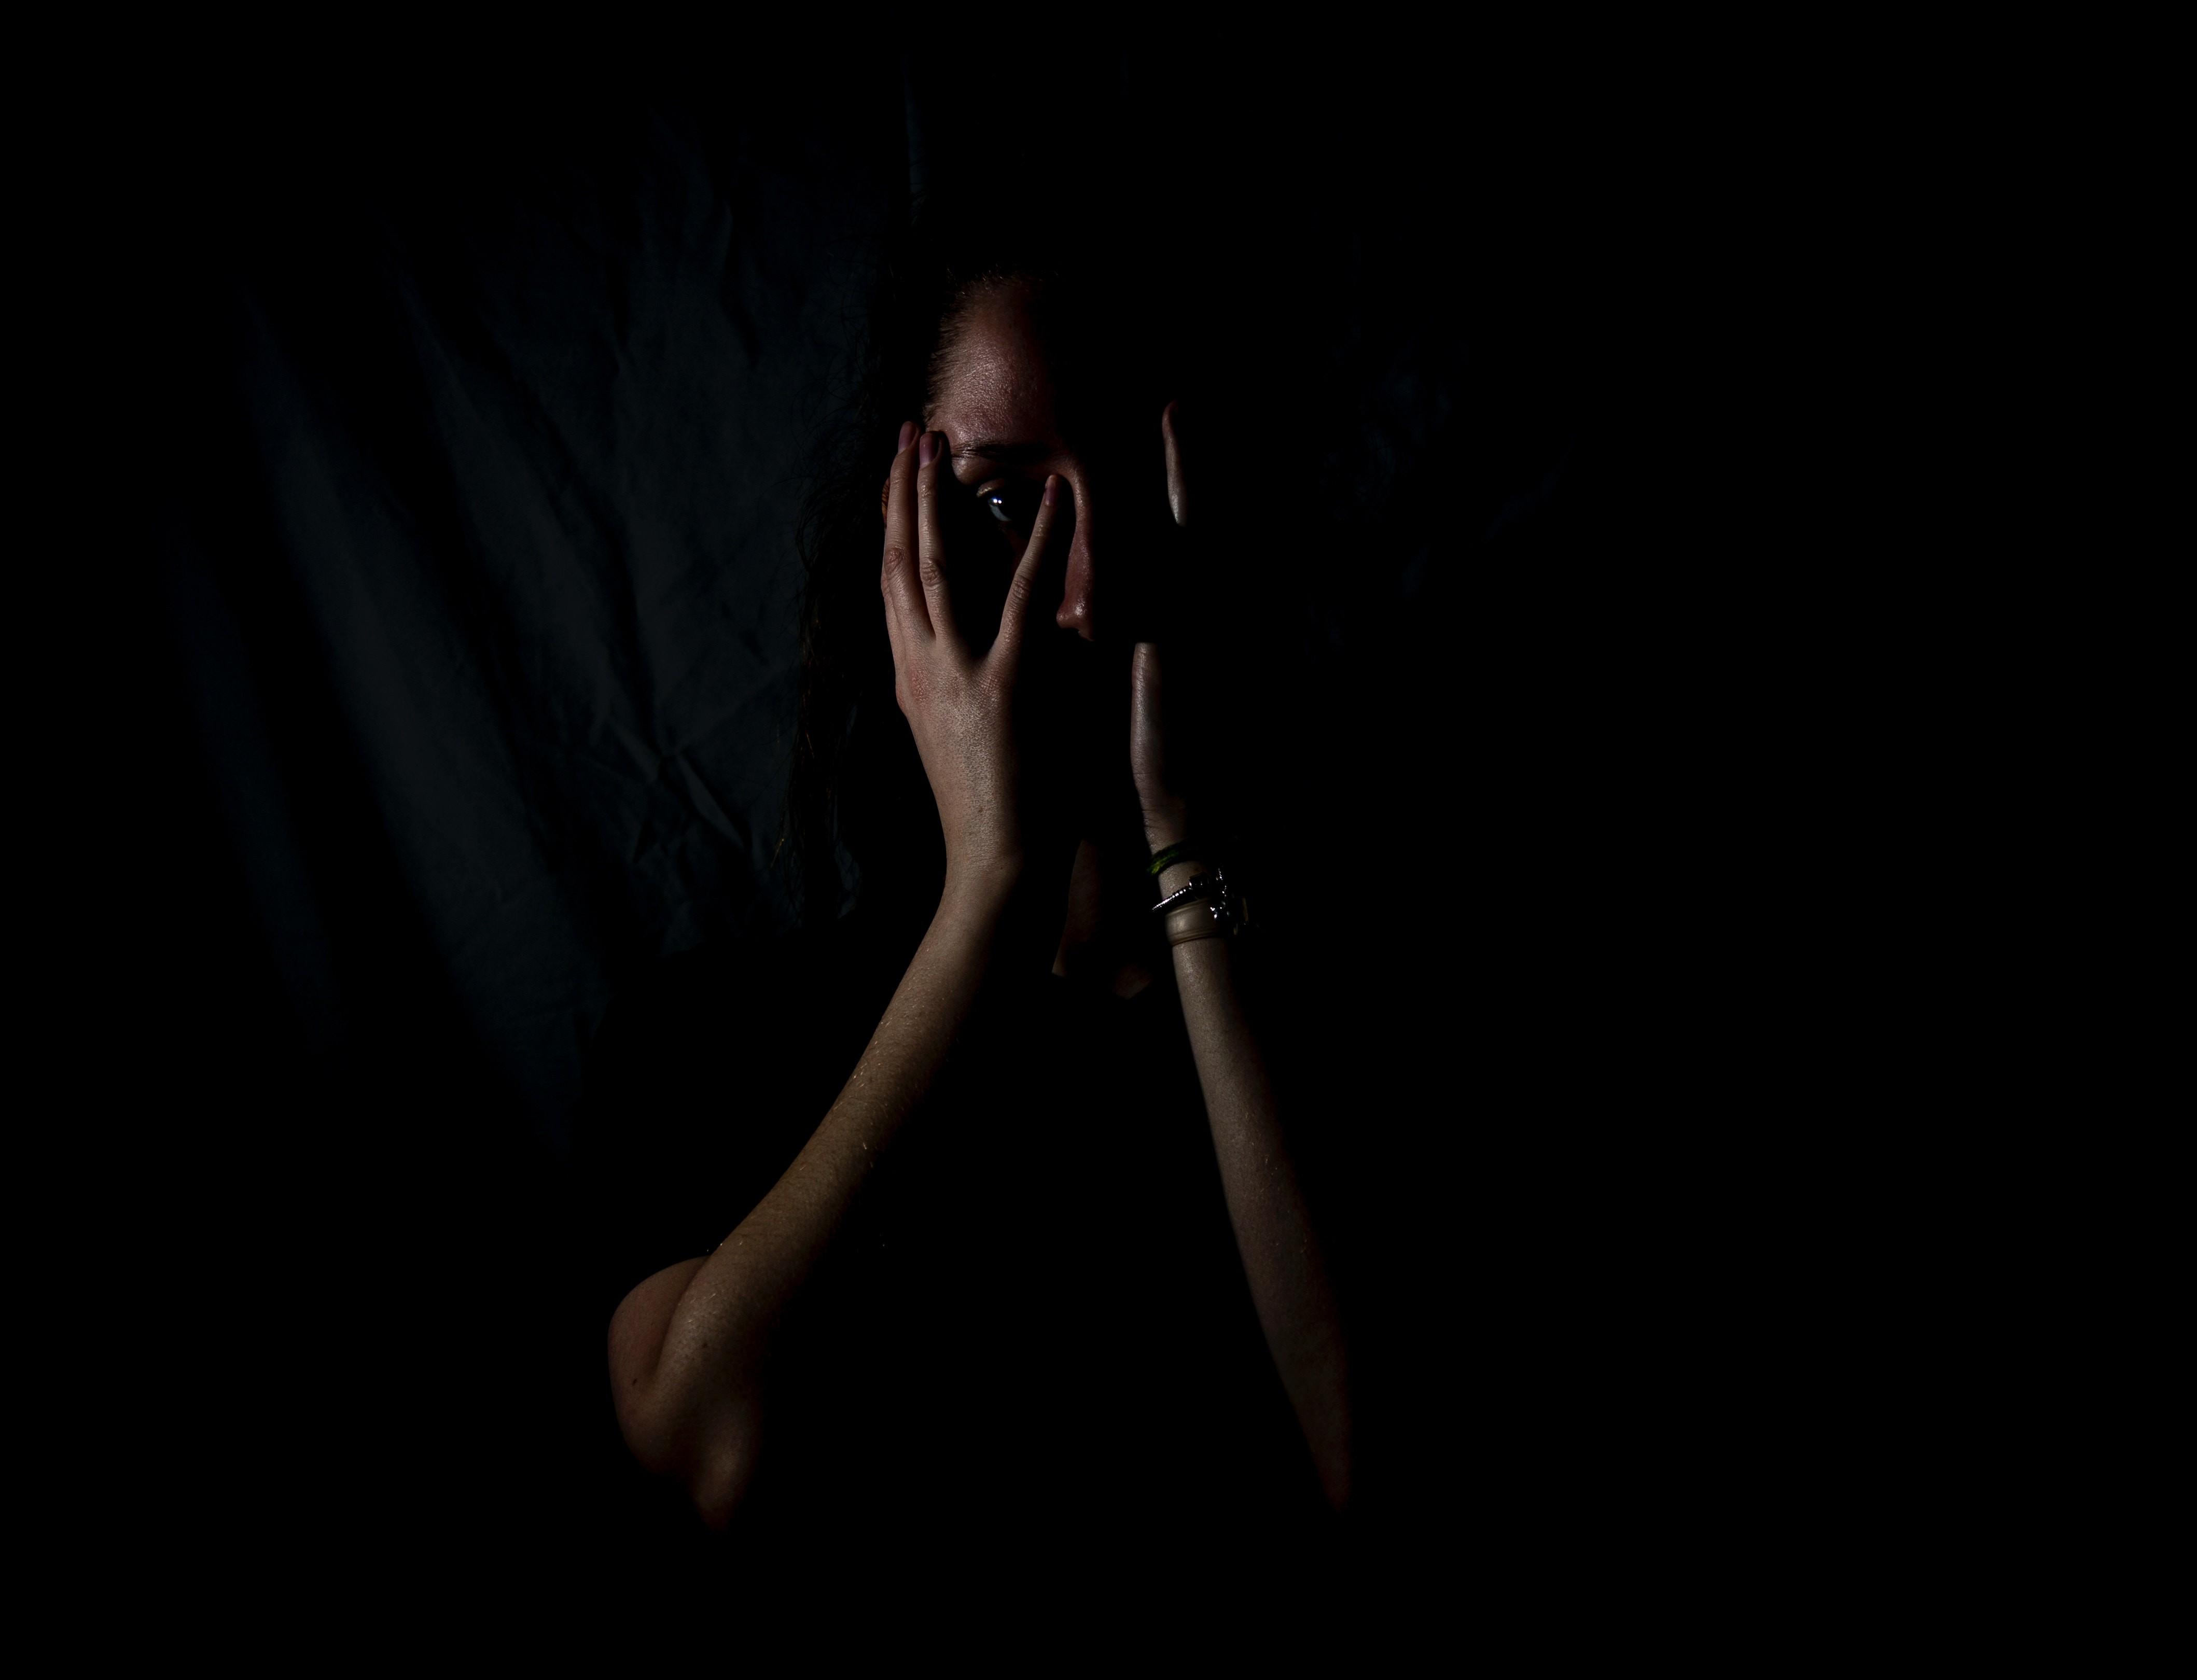 O medo como afeto desmobilizador  (Foto: Unsplash)